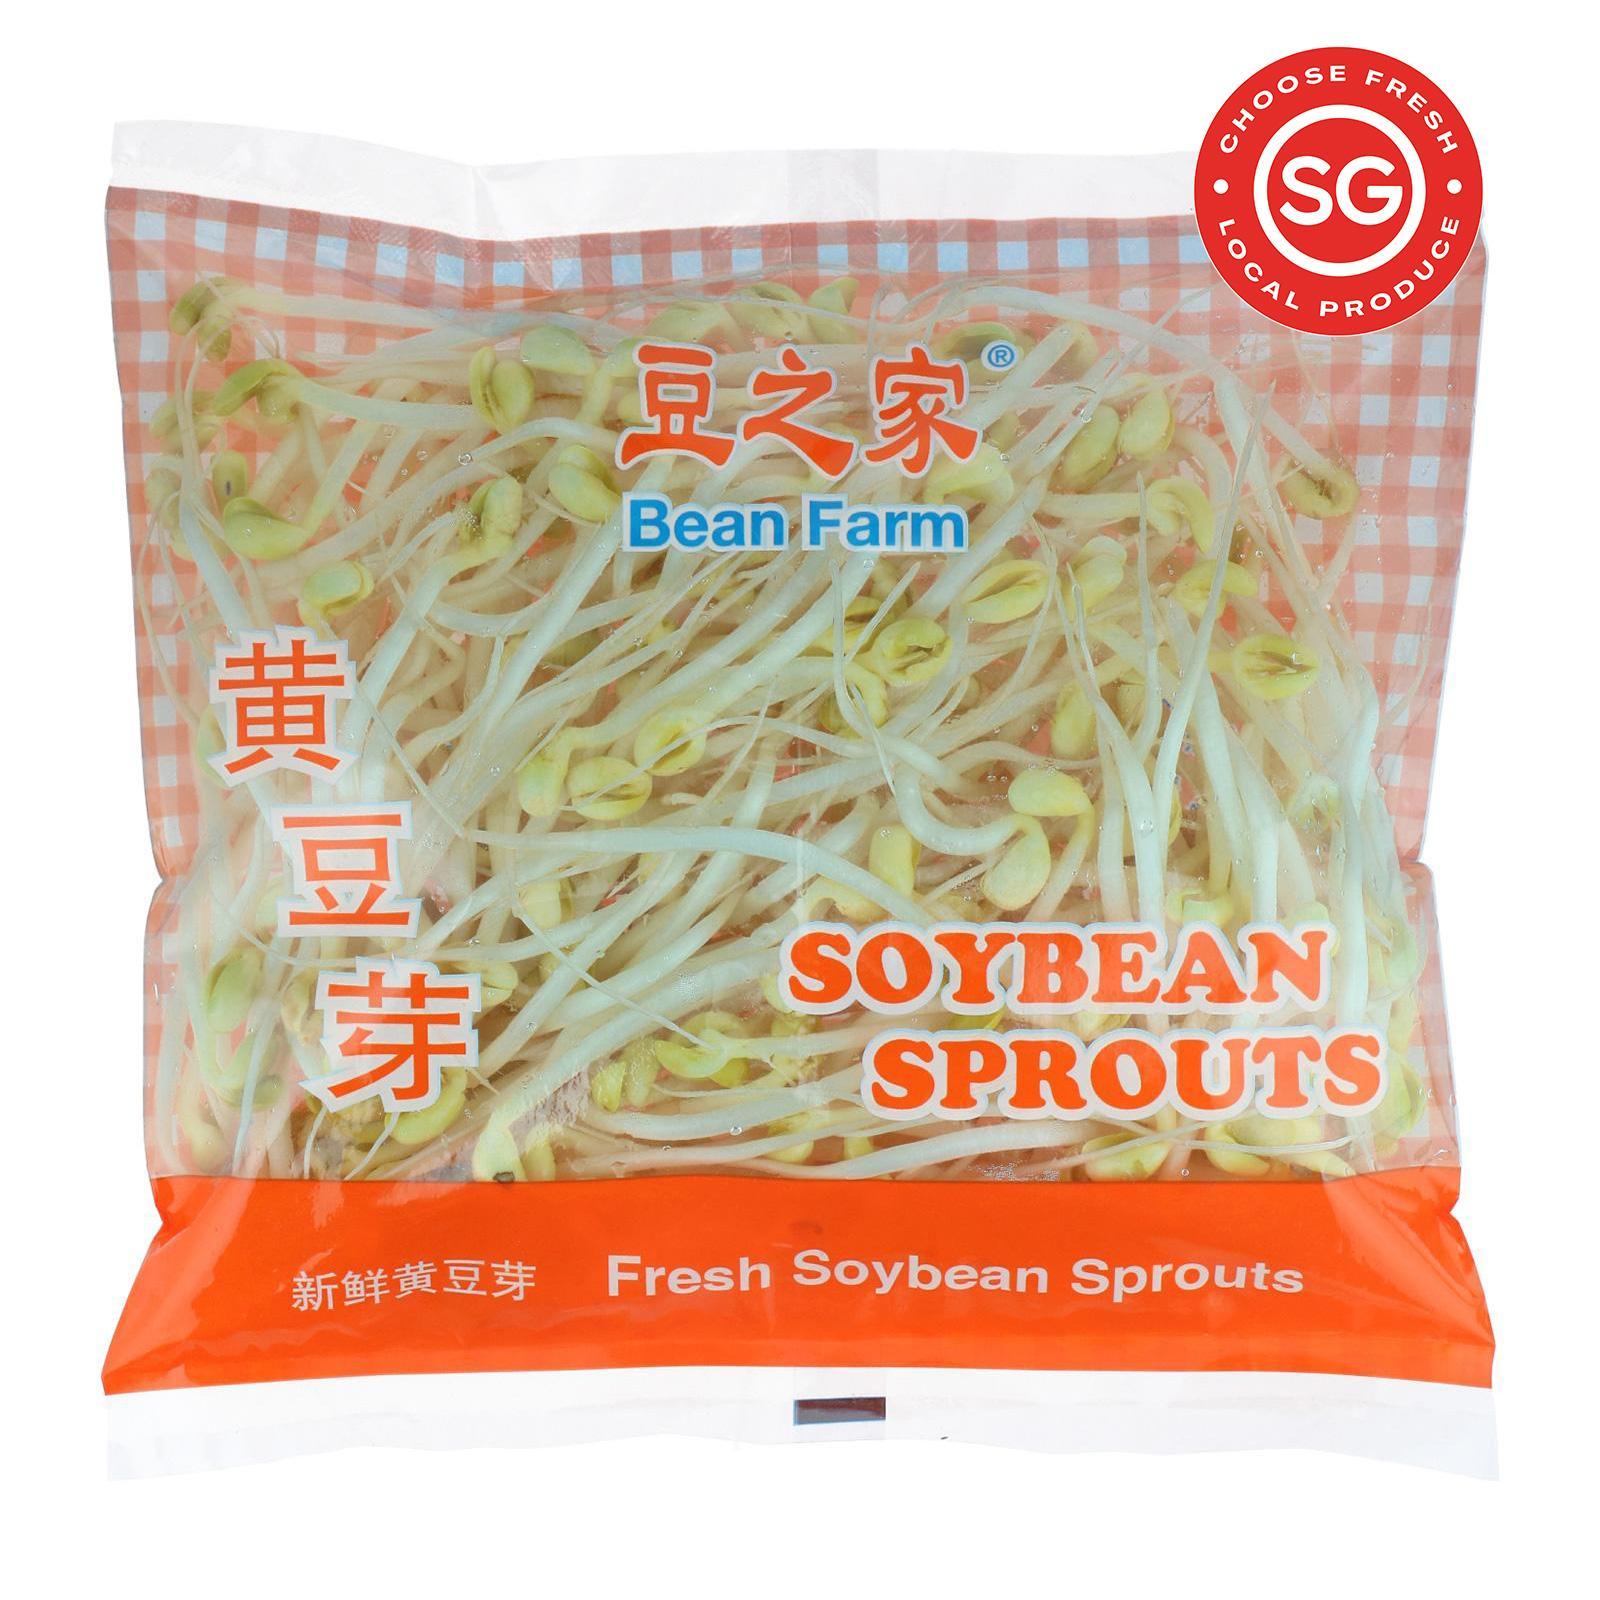 Bean Farm Soybean Sprouts